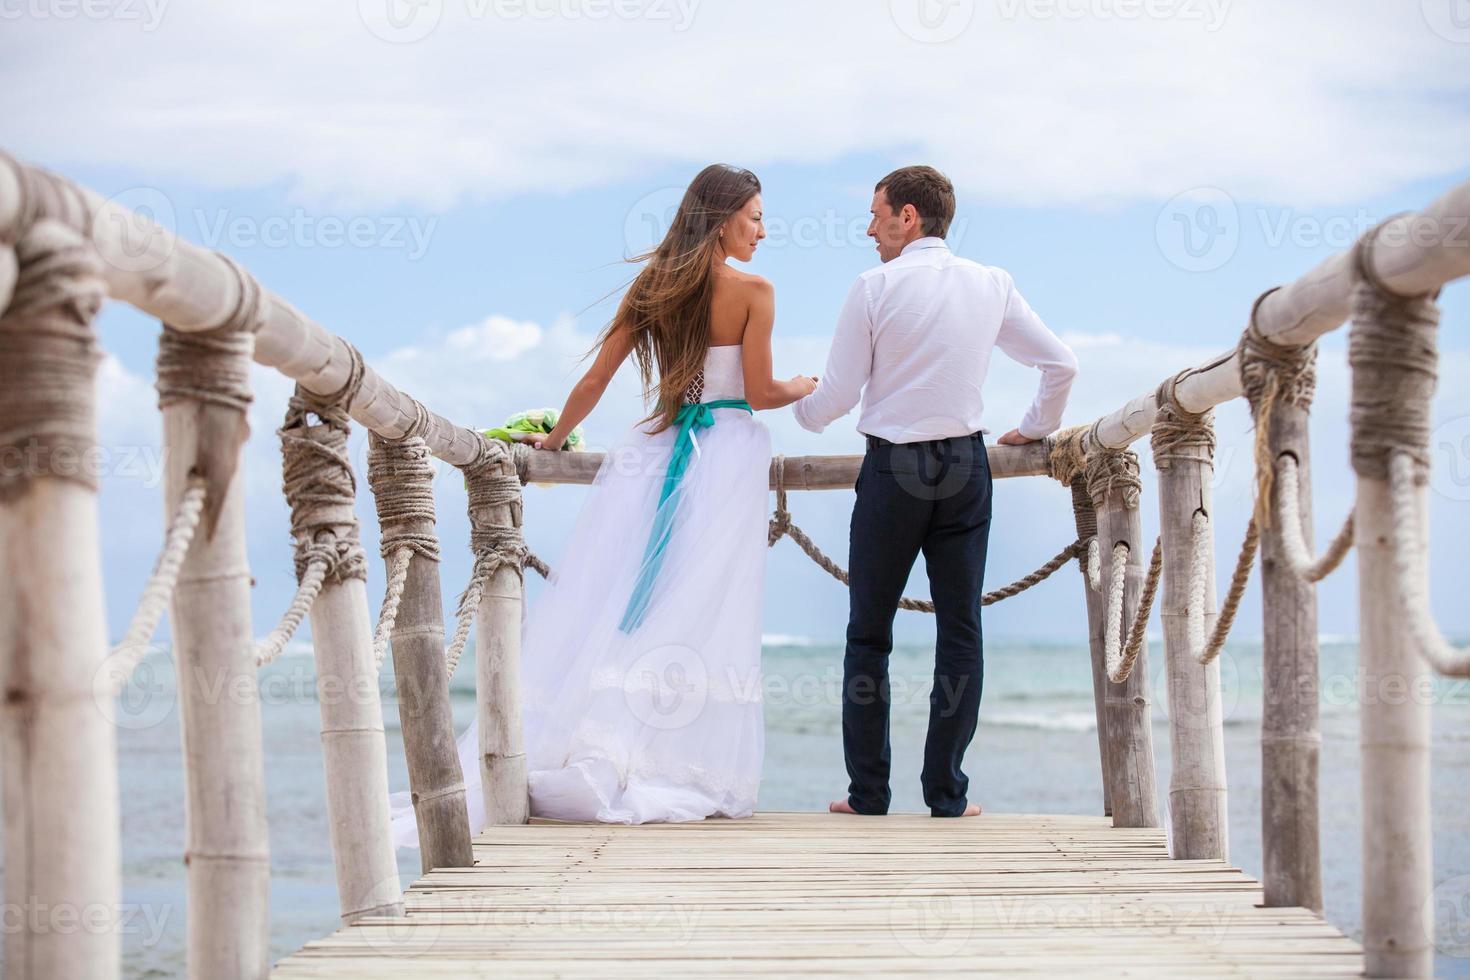 Braut und Bräutigam zusammen auf einem Kai foto